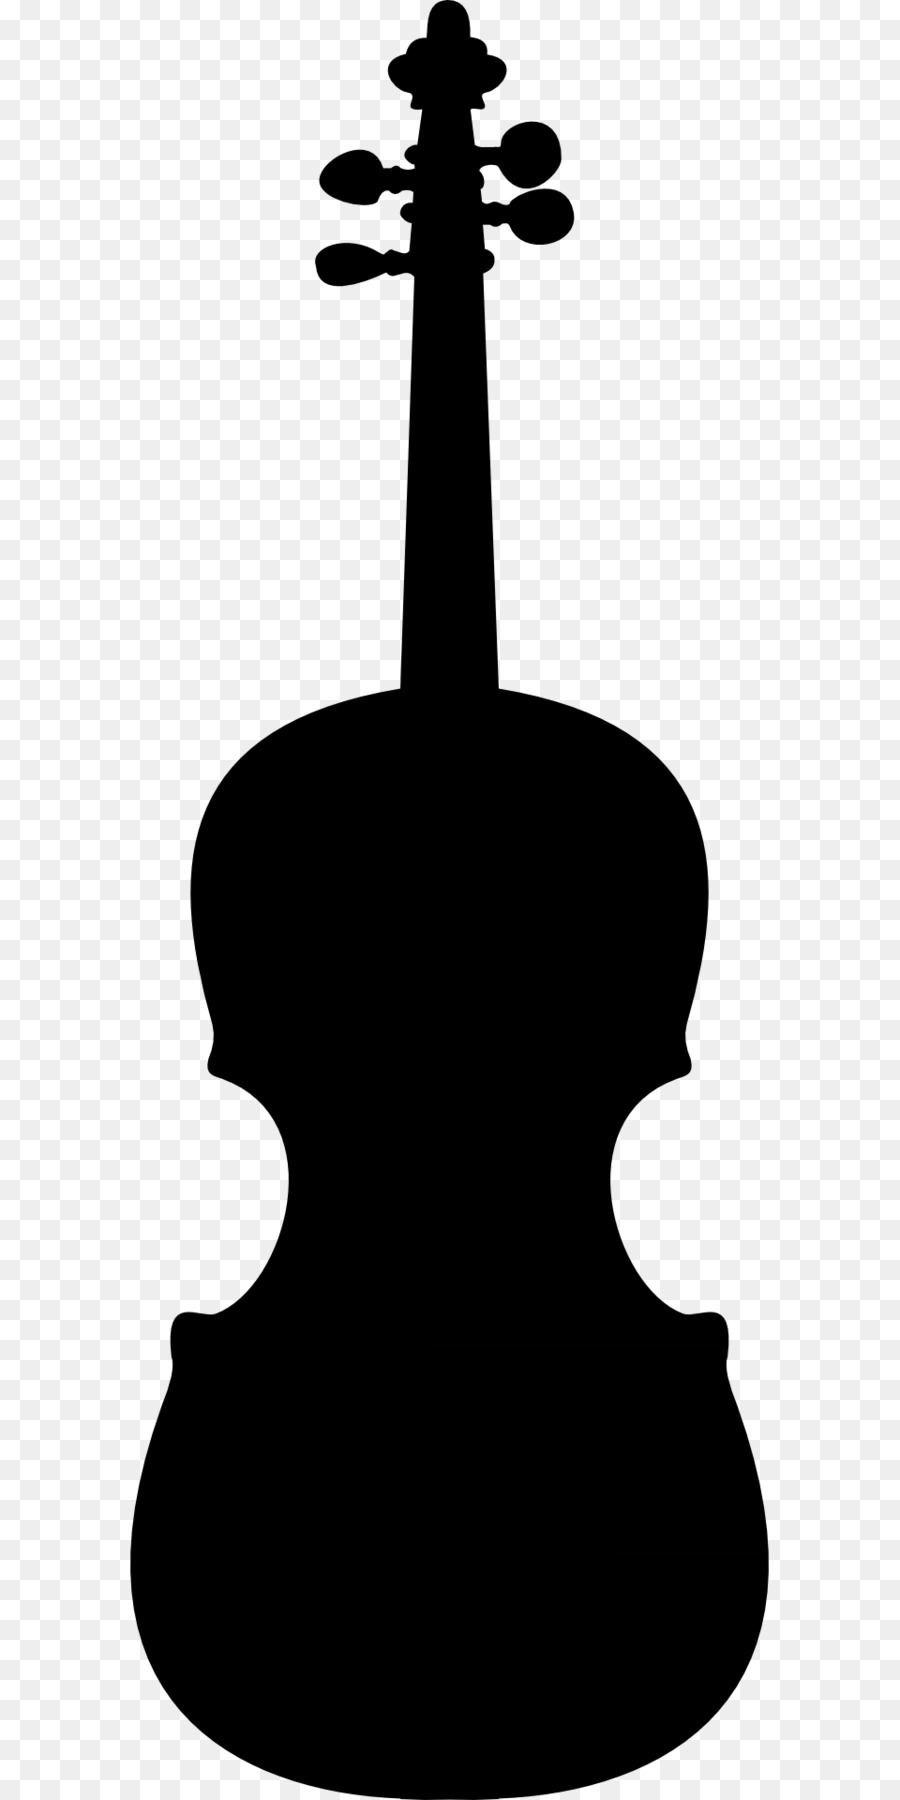 Violin silhouette clip art. Cello clipart chinese american